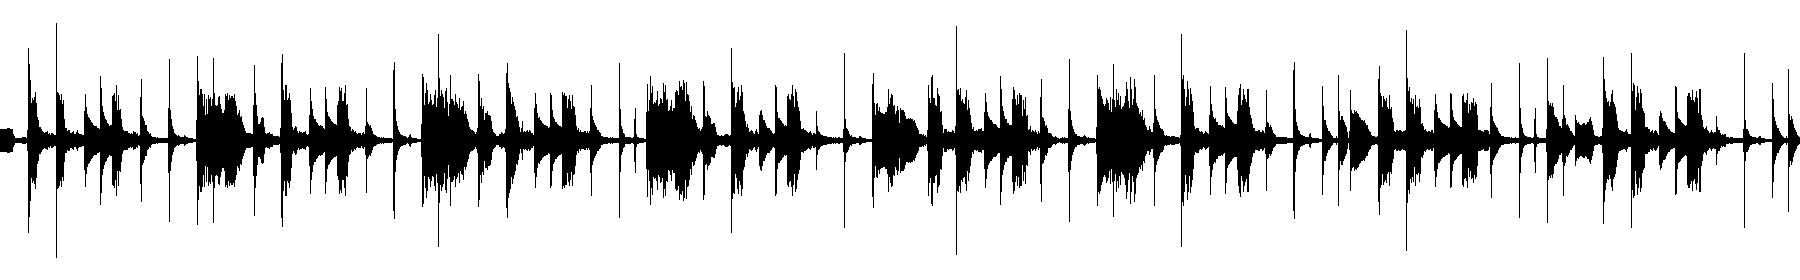 keys bongo 80 bpm jazzy